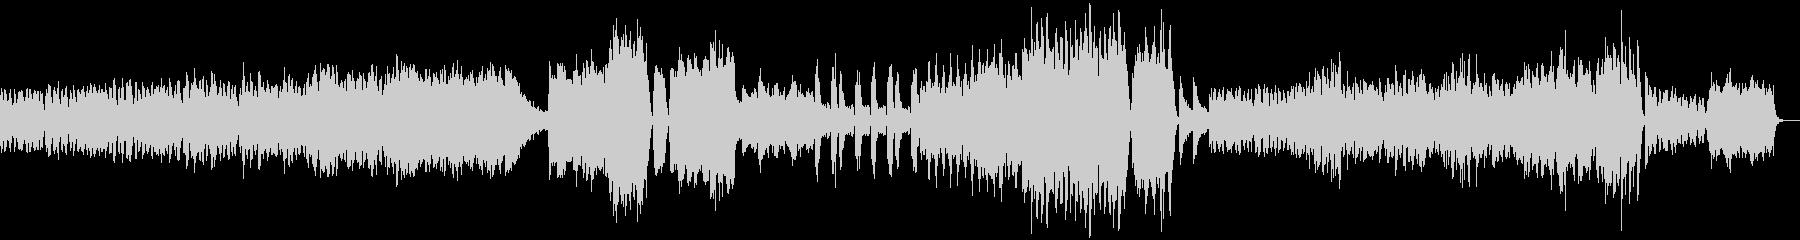 不安を感じるドロドロとしたBGMの未再生の波形